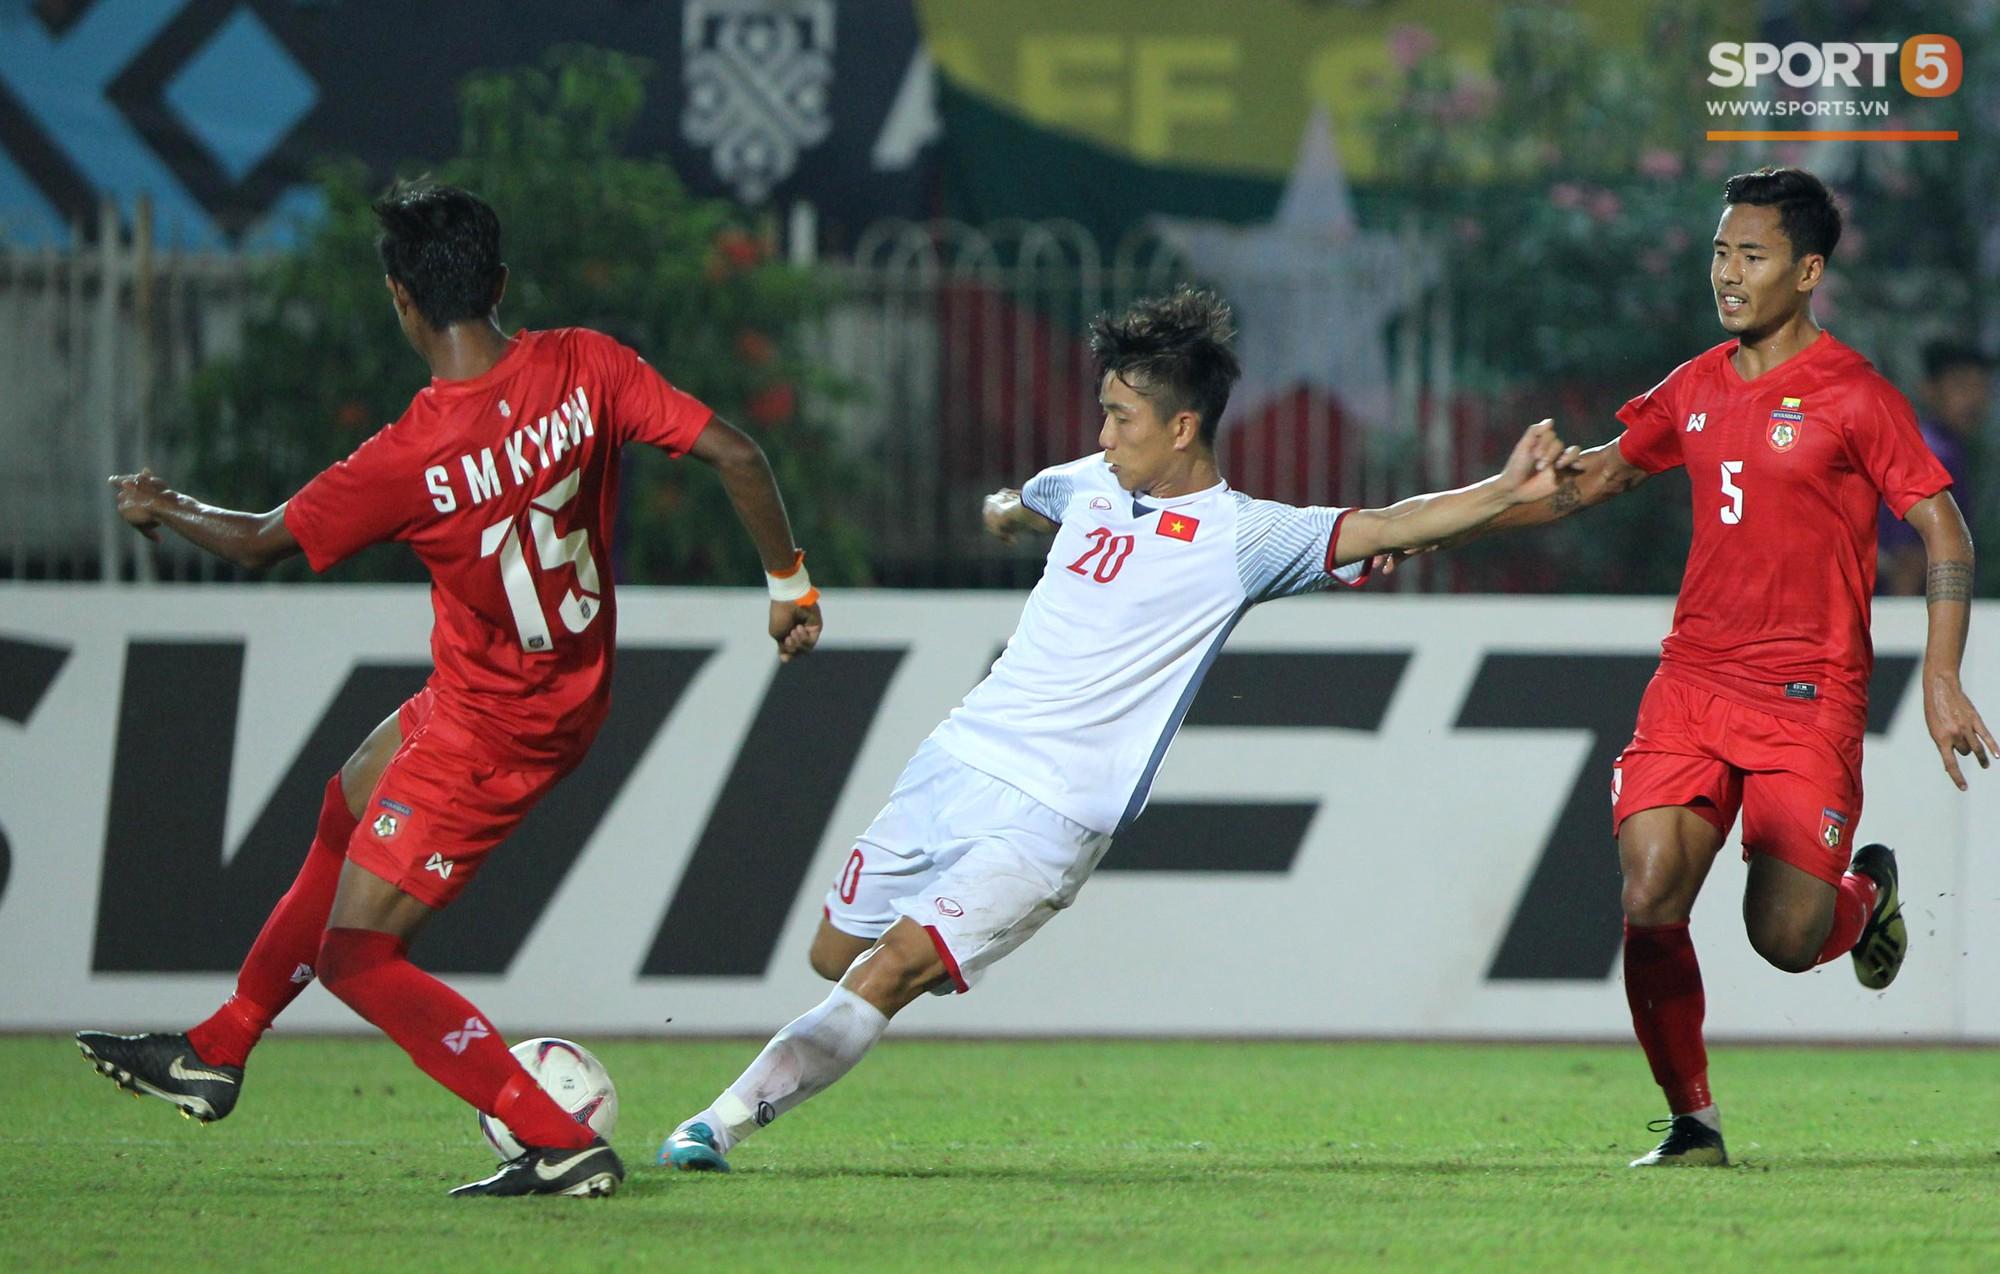 Vì sao cầu thủ tuyển Việt Nam sút trượt liên tiếp trong trận gặp Myanmar?-4